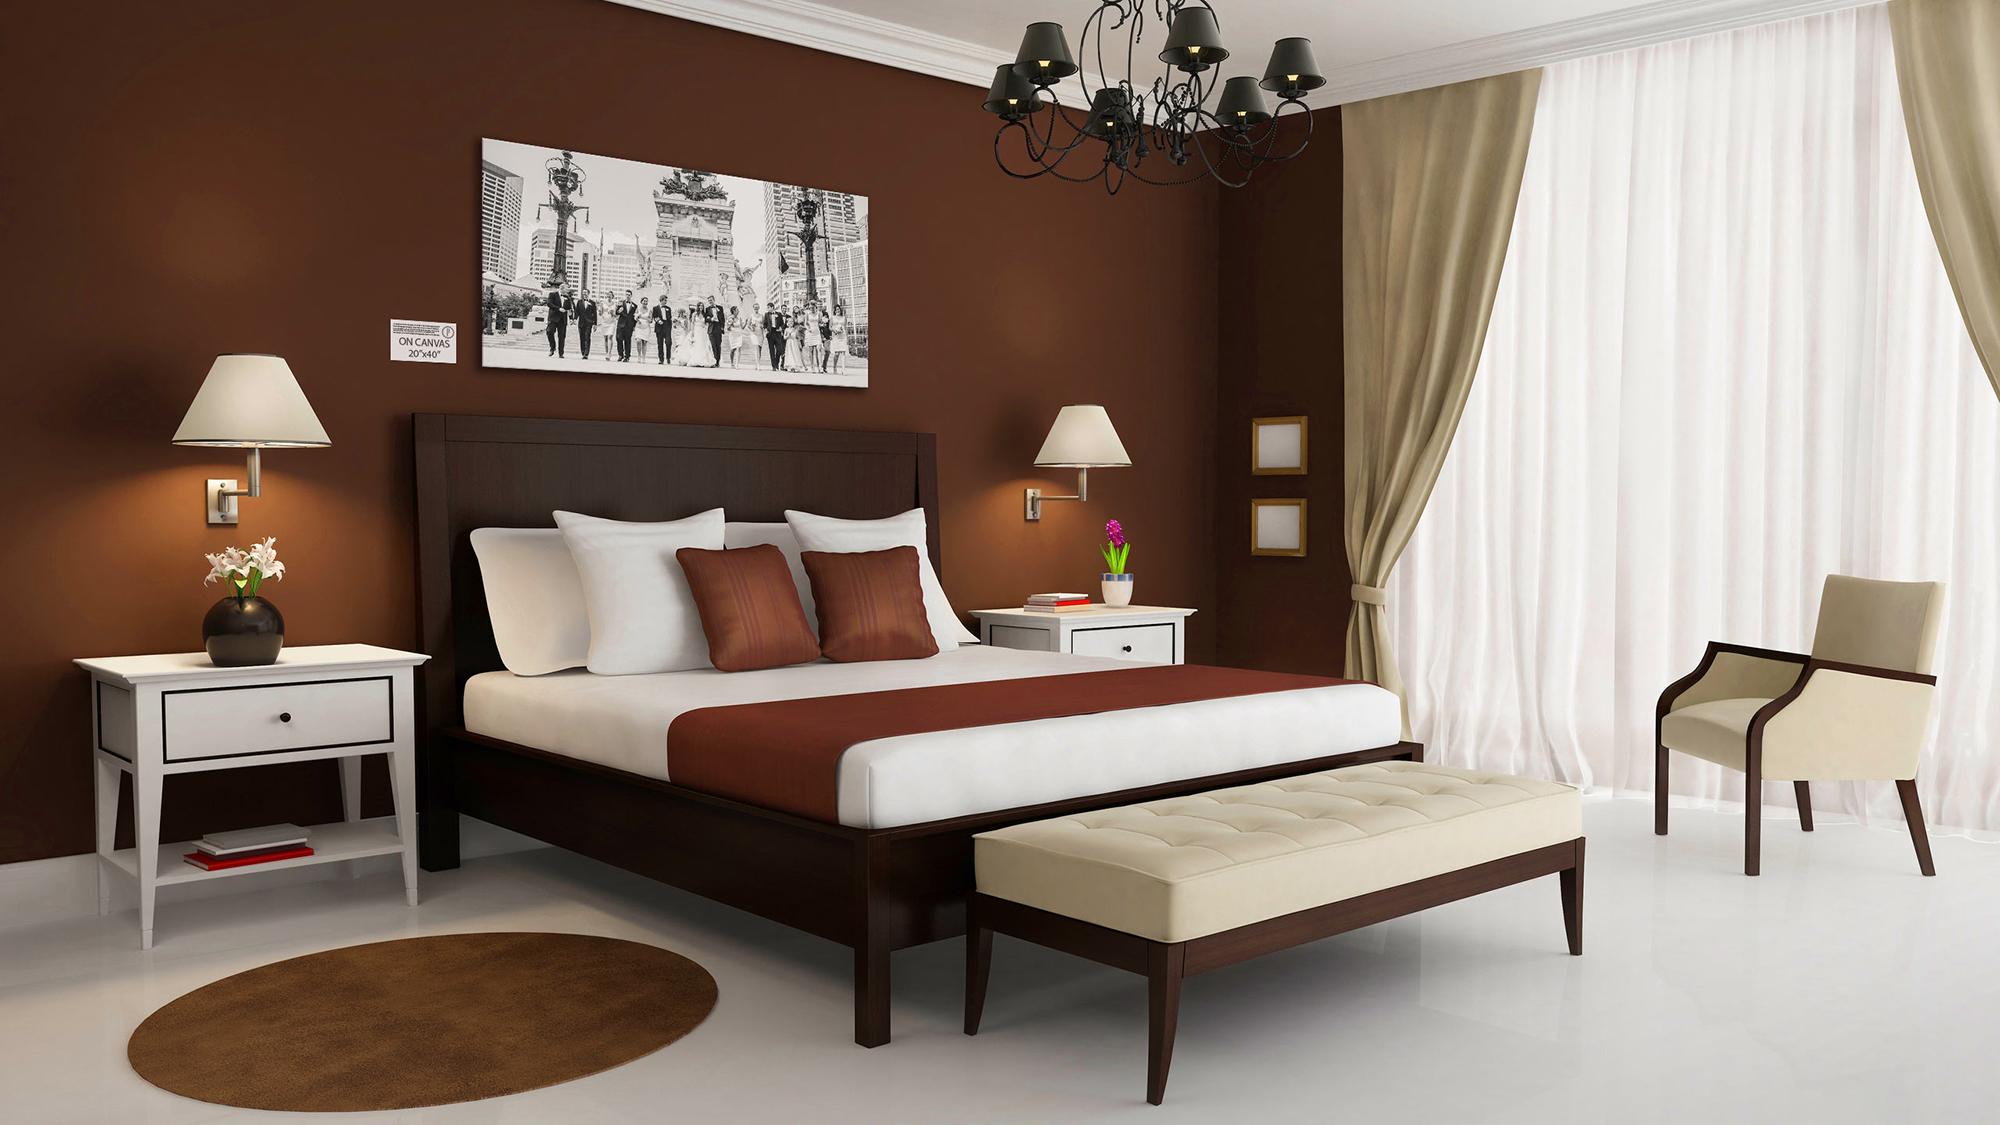 Коричневый, бежевый и белый цвета в интерьере спальни